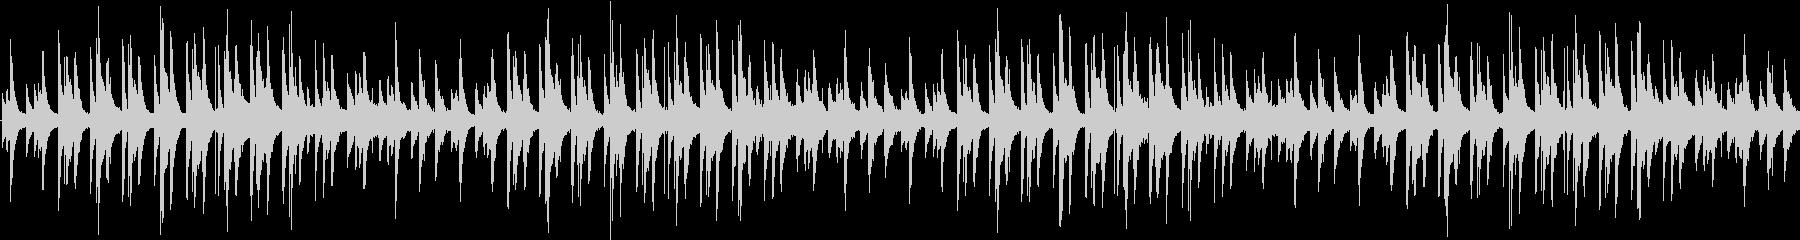 ゆったりと明るく爽やかなピアノBGM-2の未再生の波形